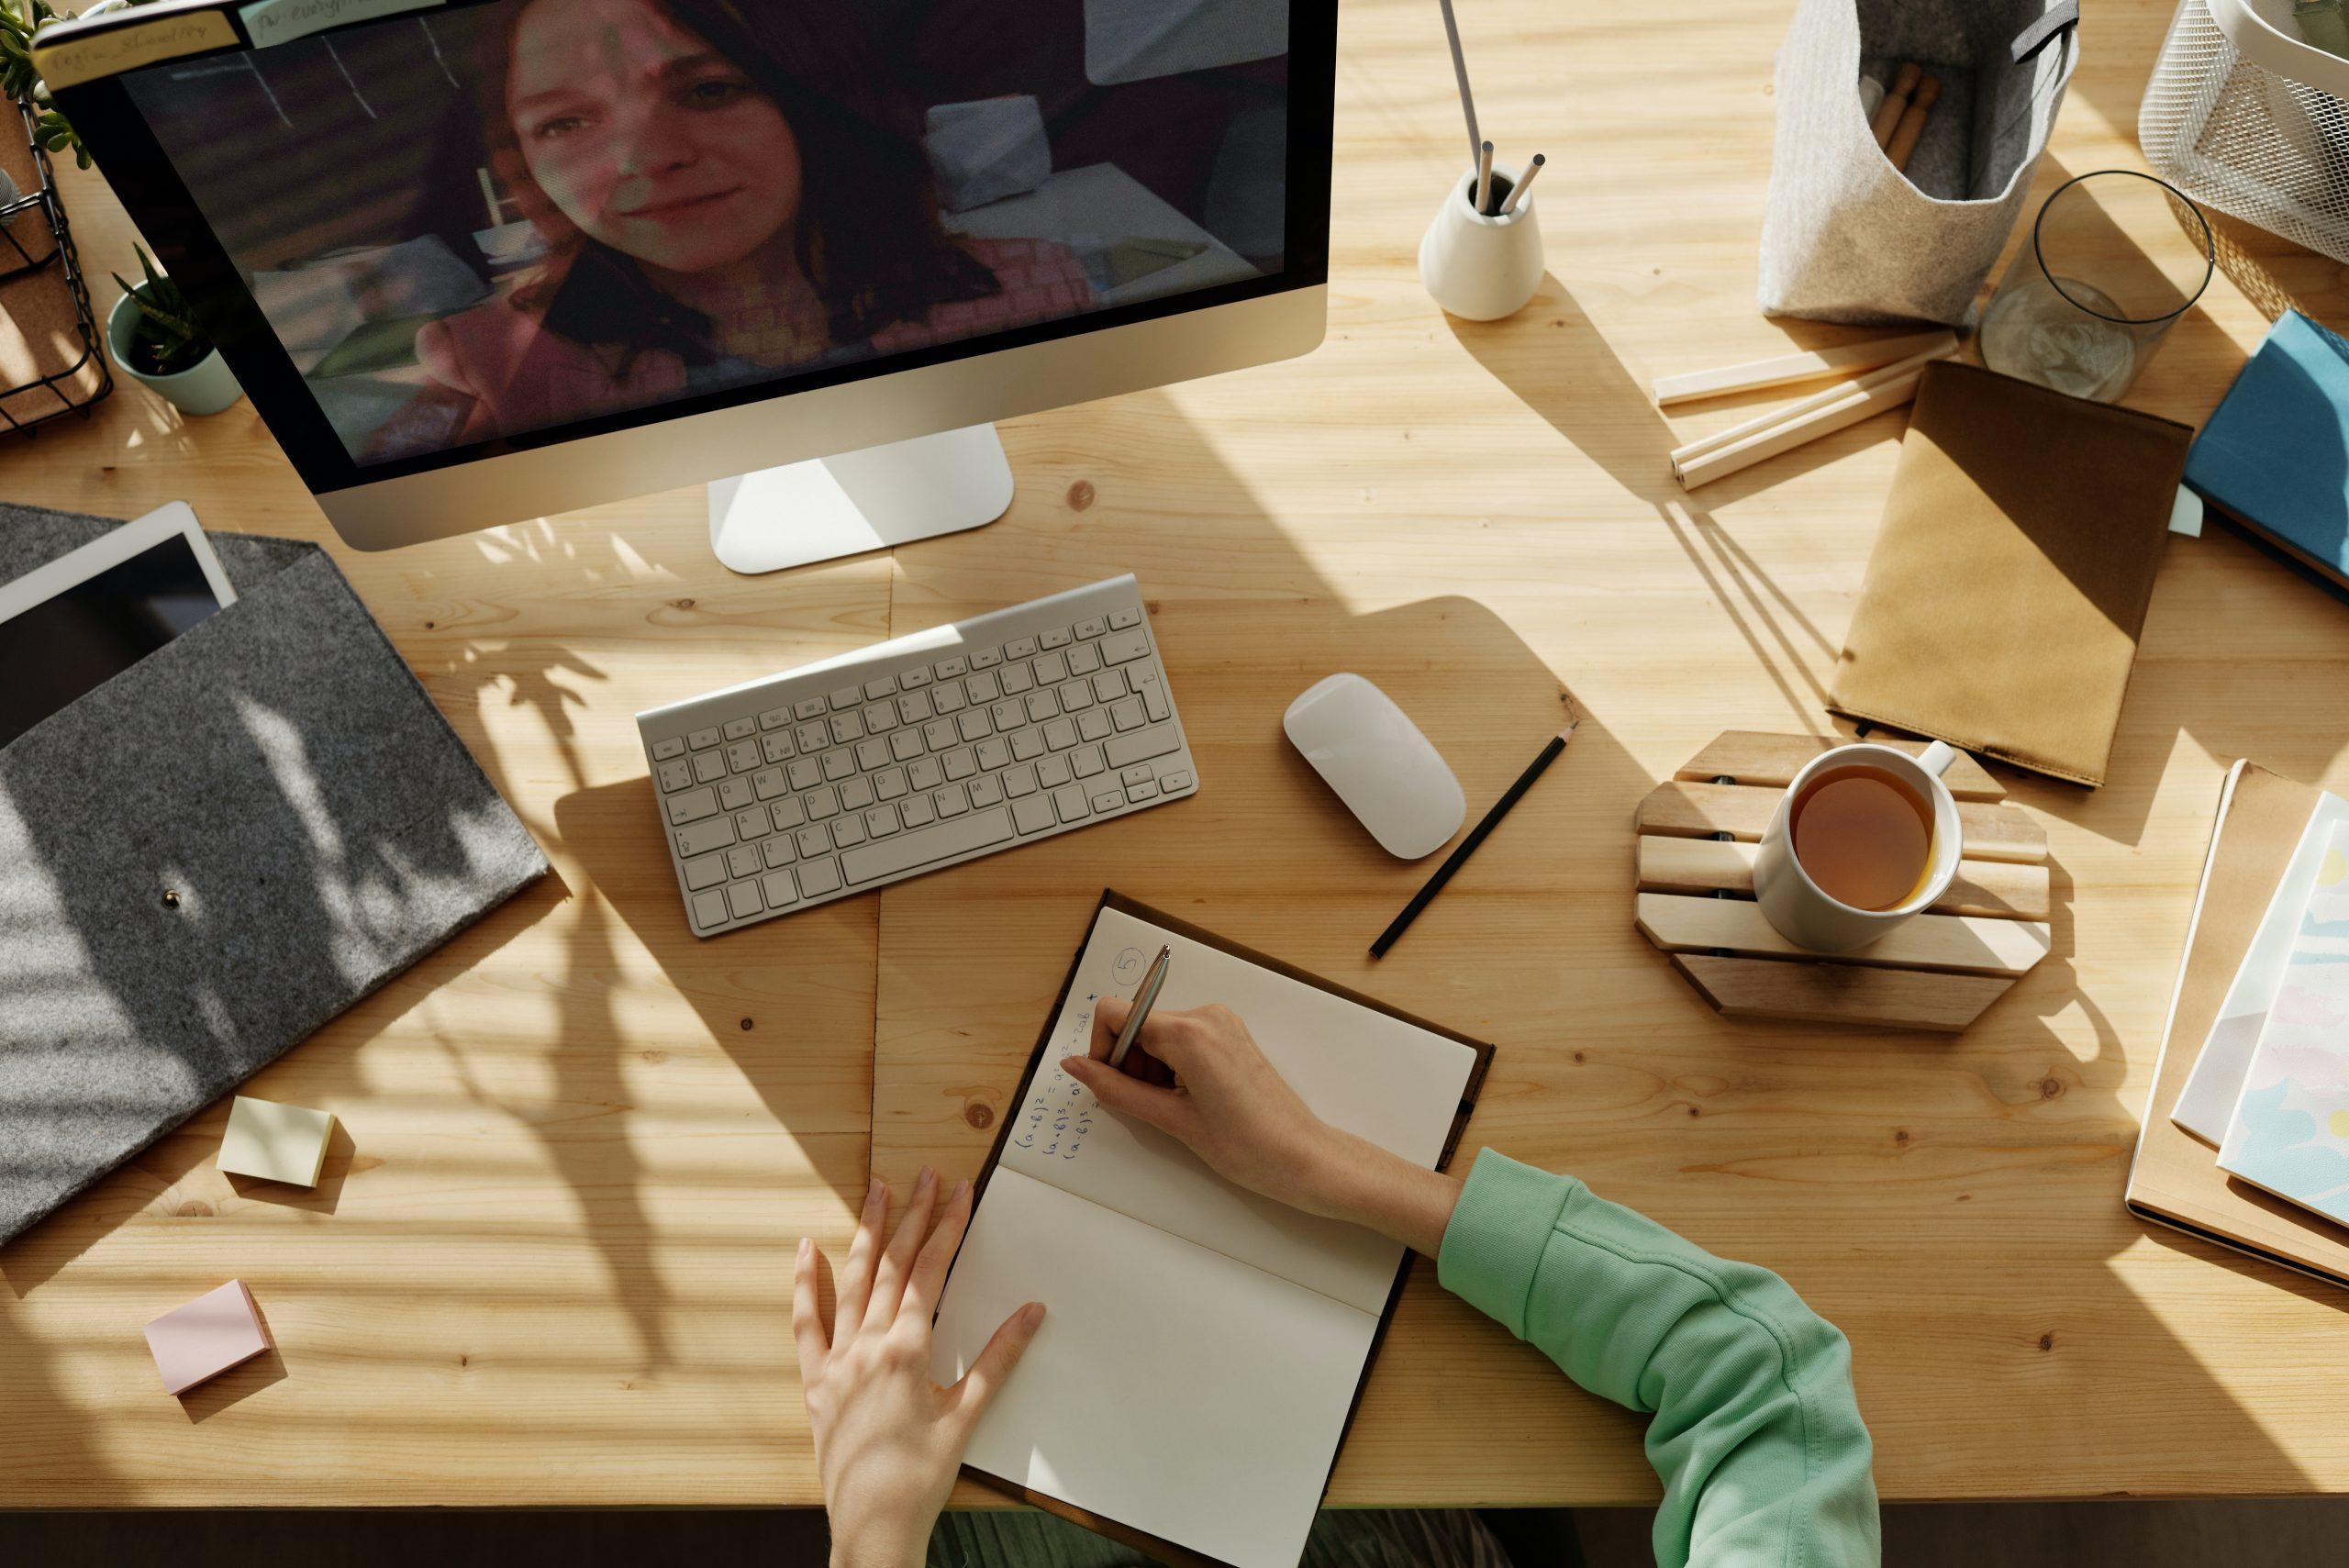 Imagem mostra uma mulher fazendo anotações em frente ao computador.